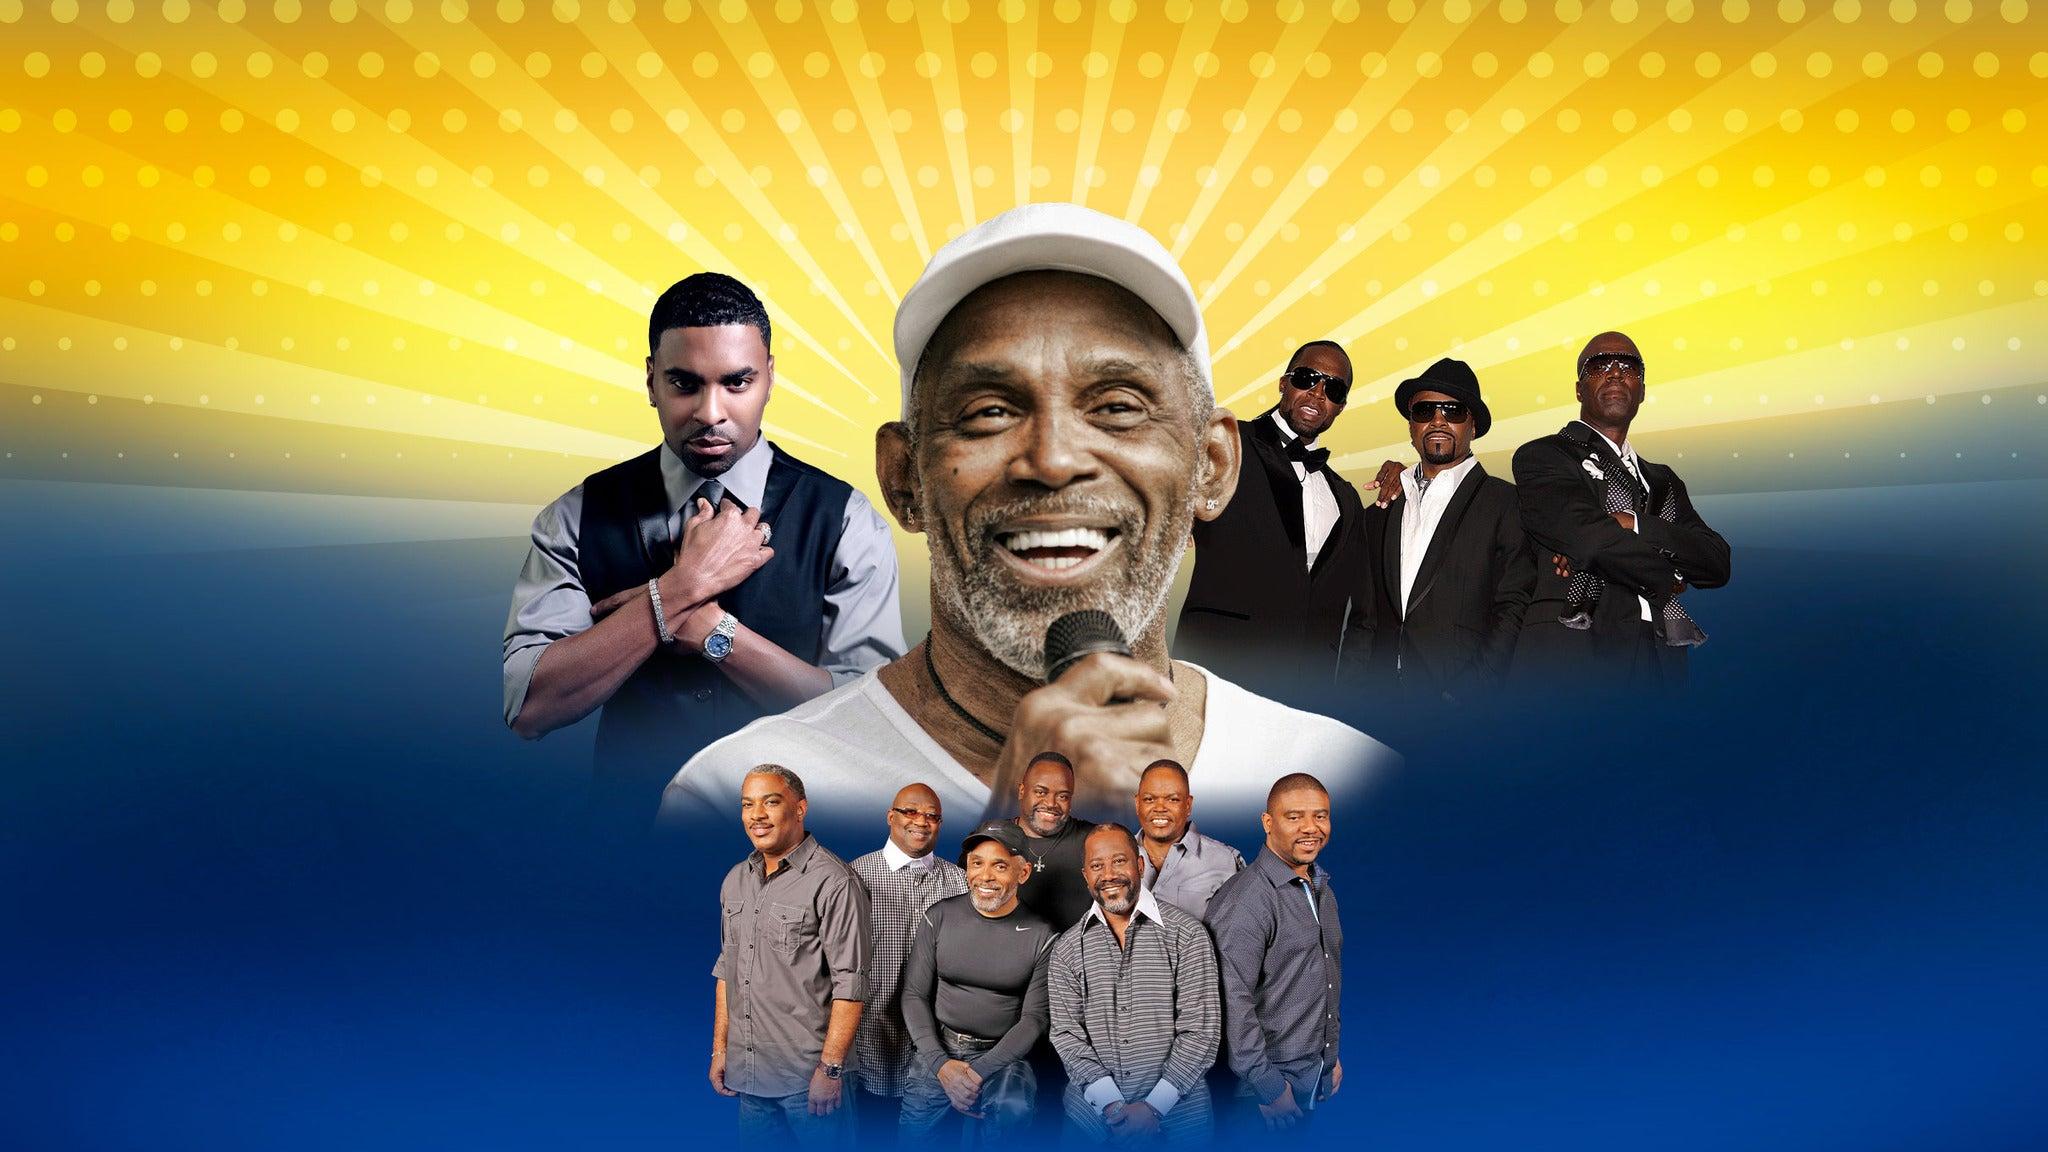 Greensboro Spring Fest at Greensboro Coliseum Complex